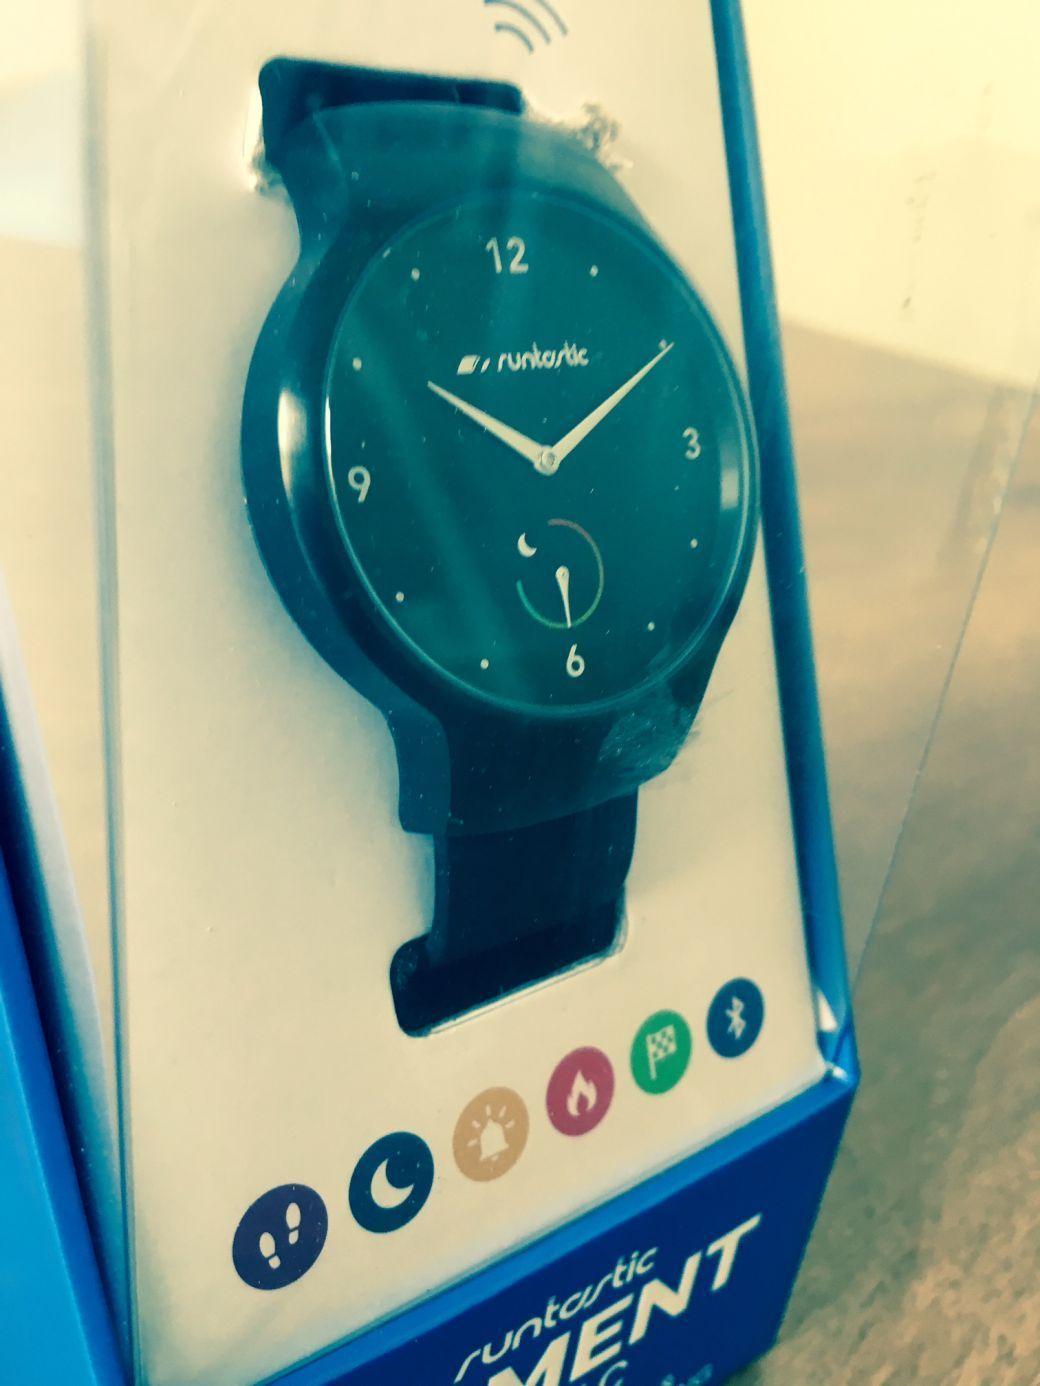 Concours : Une montre connectée Moment de Runtastic à gagner (129,00 €)